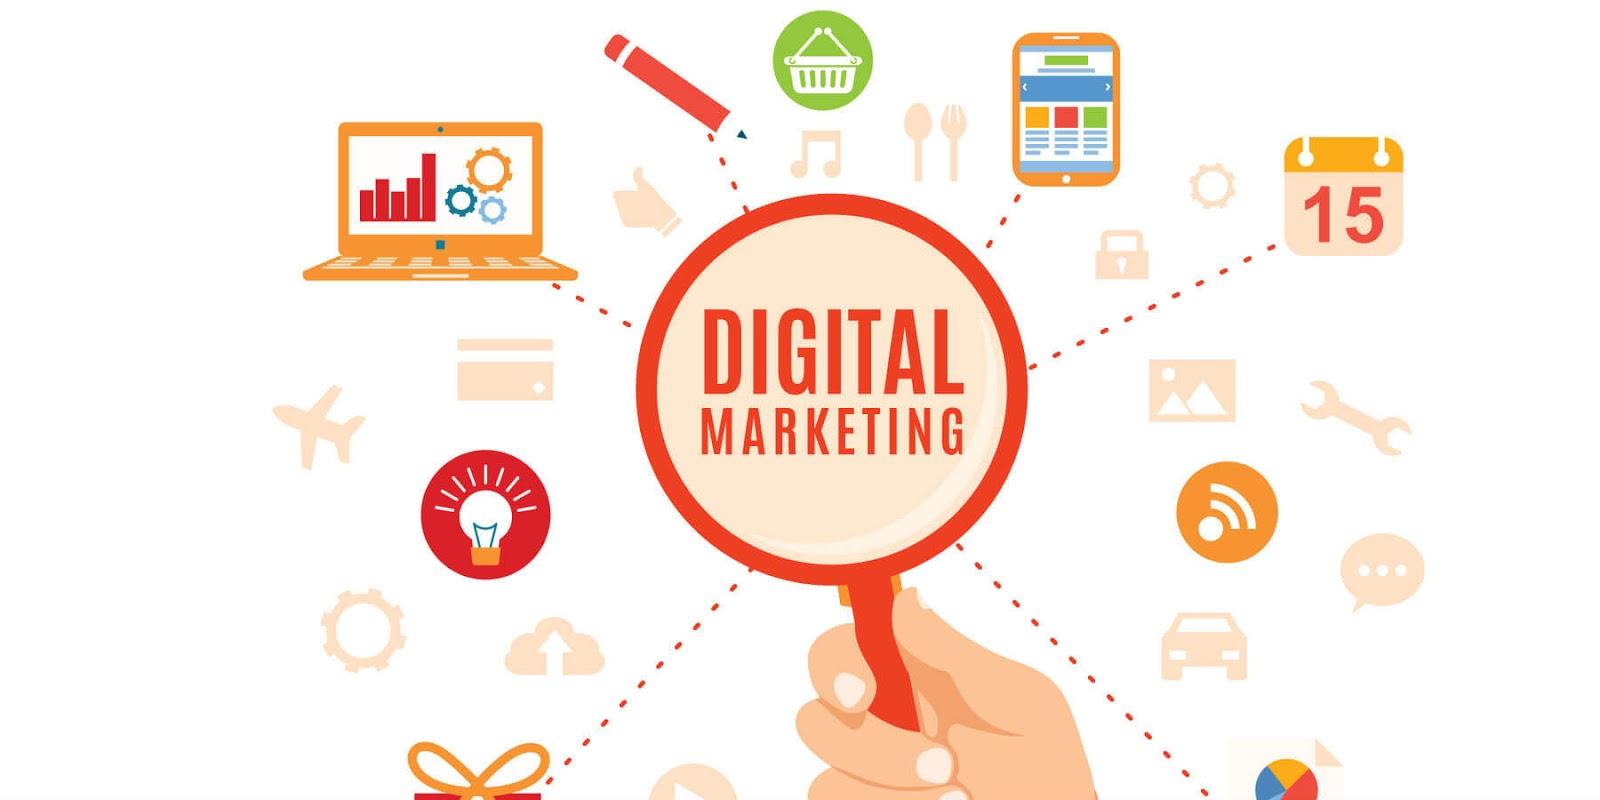 أفضل-11-كورس-ديجيتال-ماركتنج--دليلك-لتعلم-التسويق-الرقمي